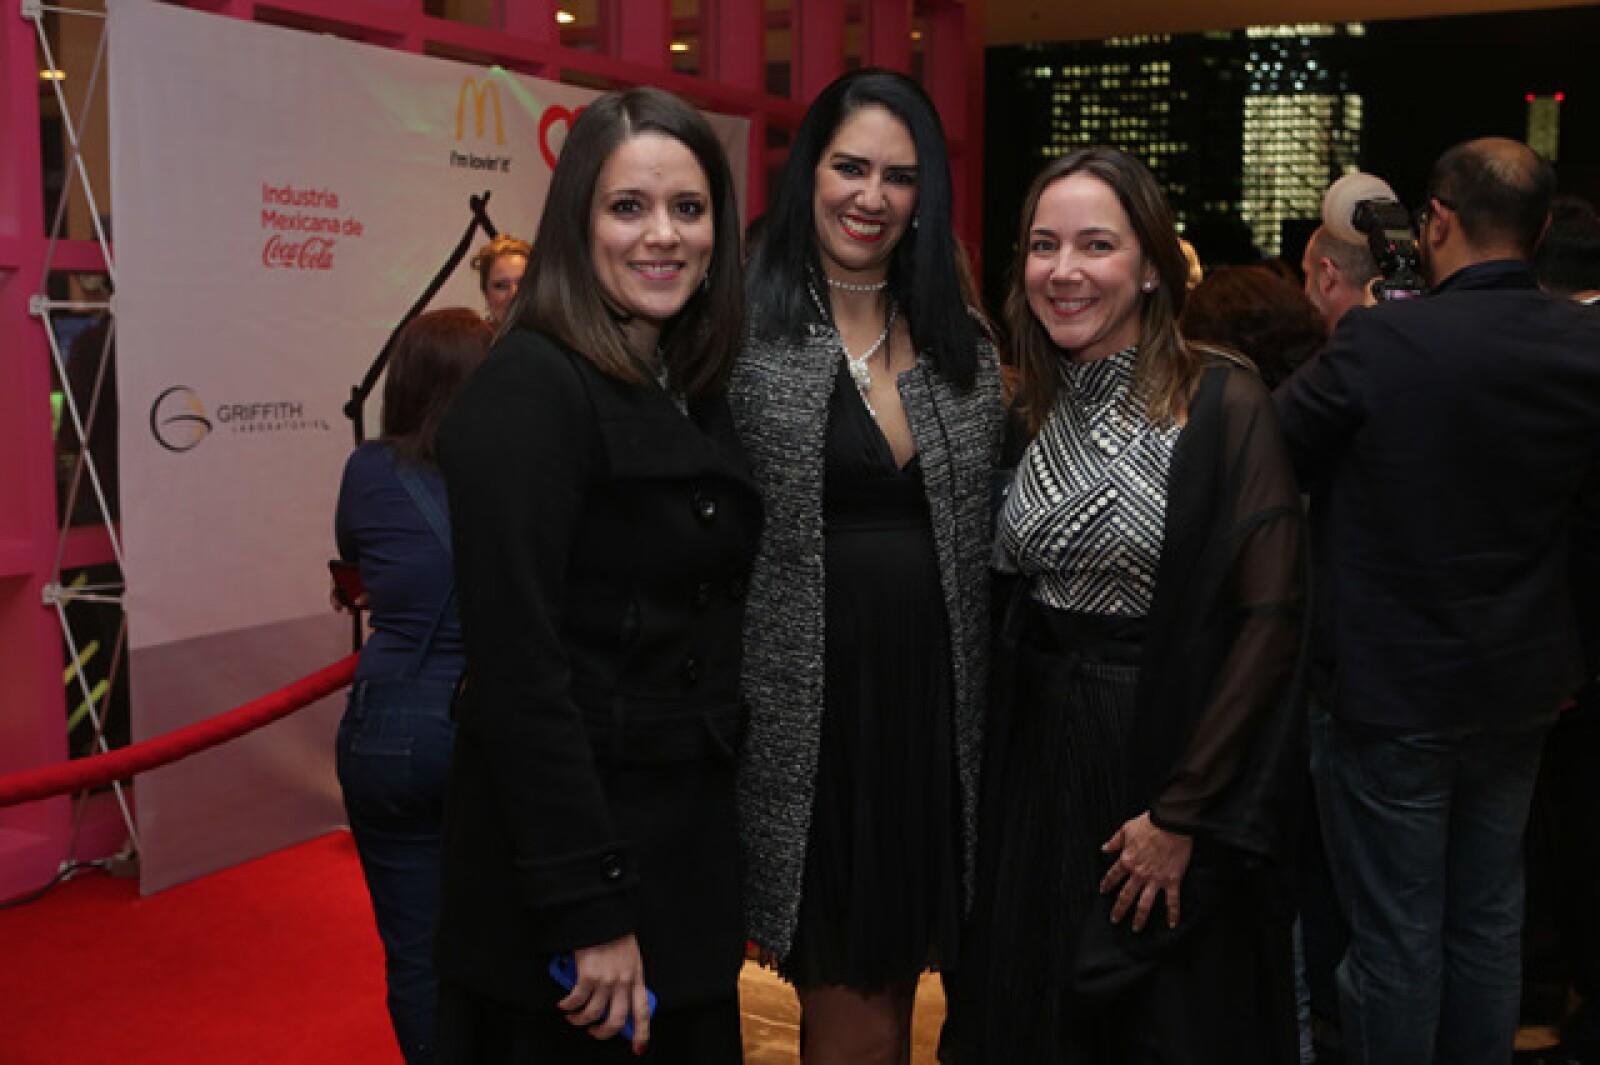 Mar Branquet,Paola Melancio y Andrea Arnaud